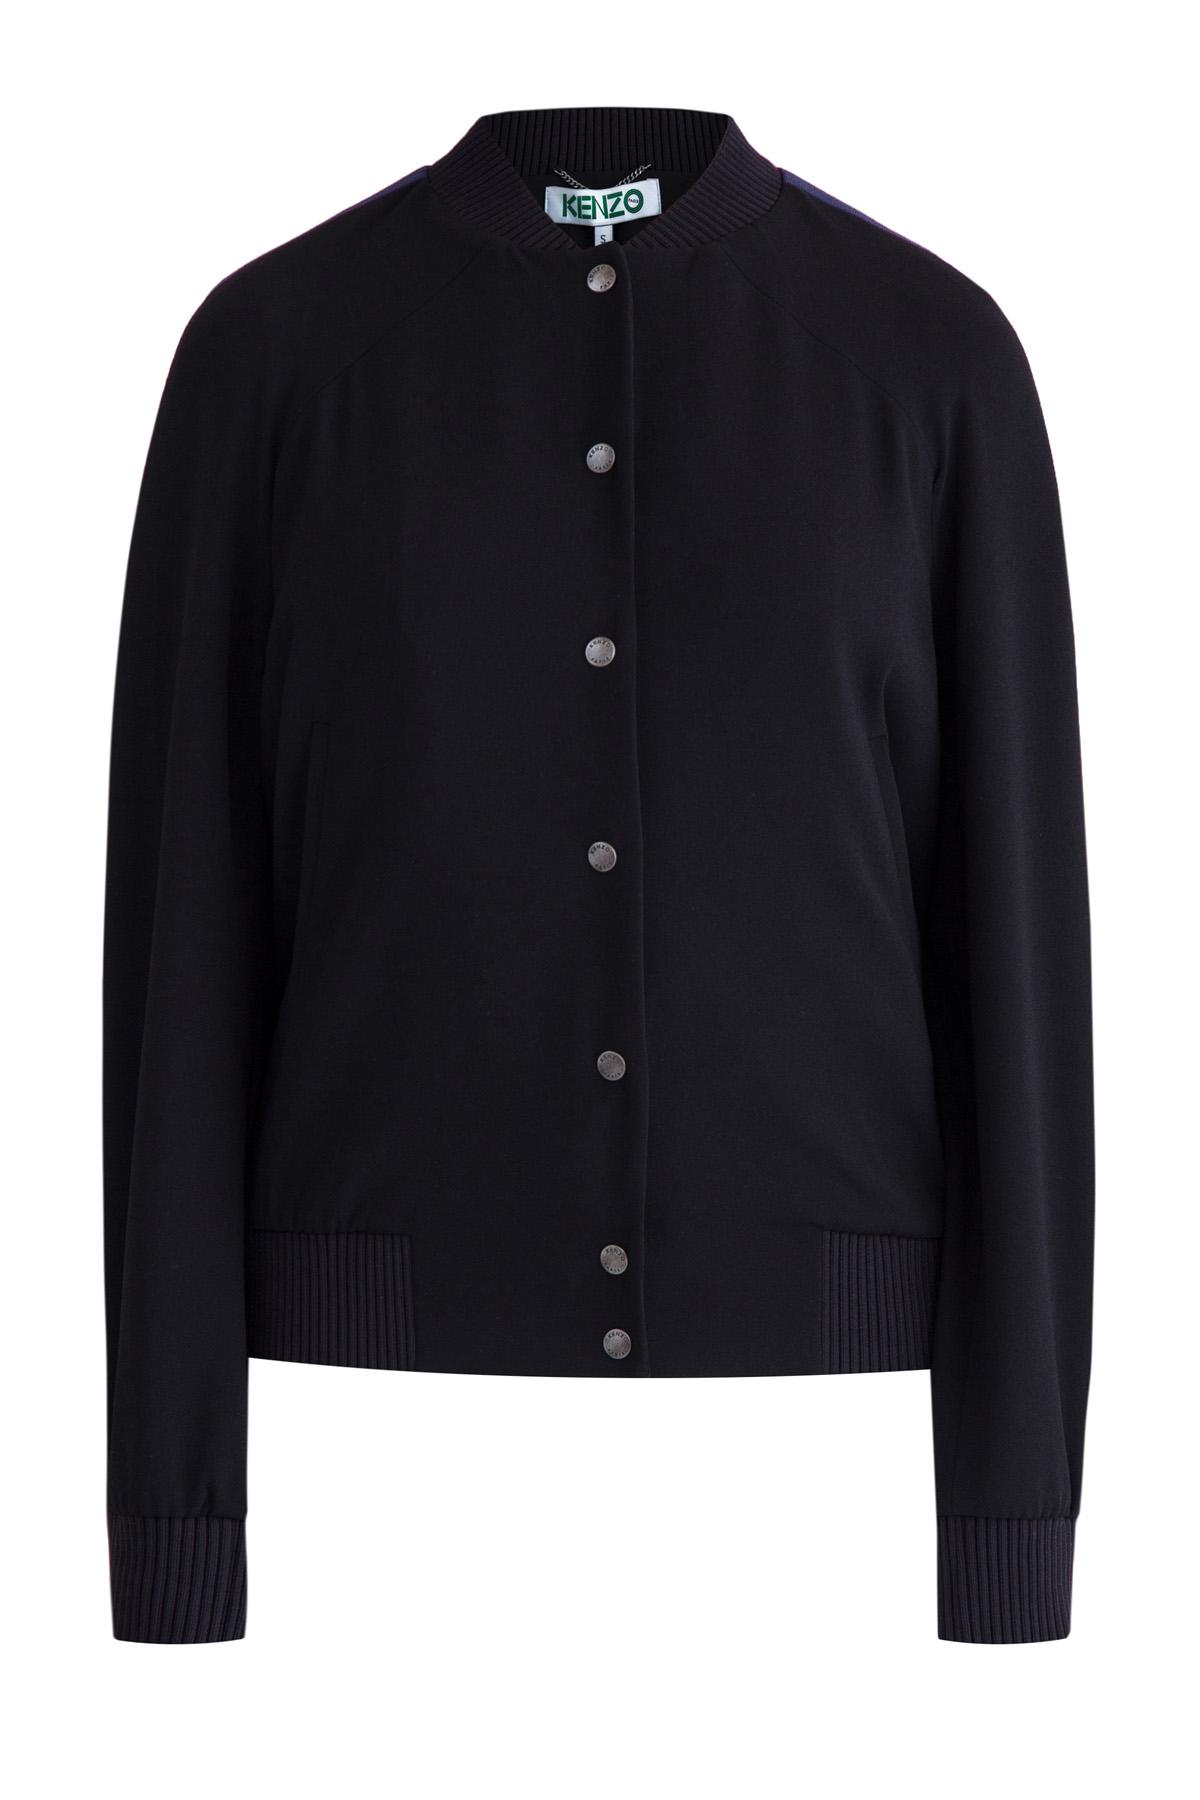 Купить Куртка, KENZO, Франция, полиэстер 100%